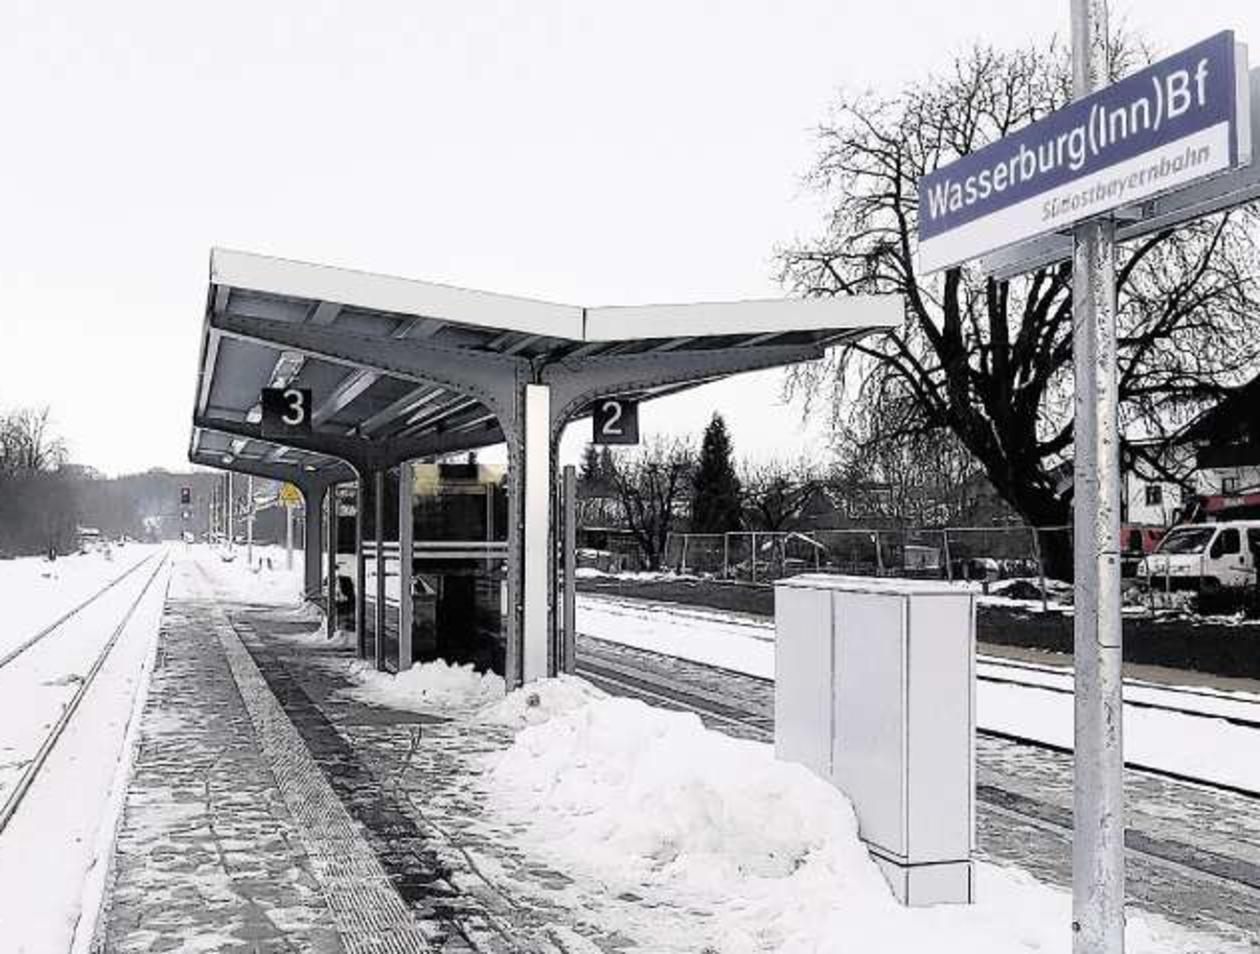 Wasserburg Bahn Gibt Gas Für Mehr Attraktivität Region